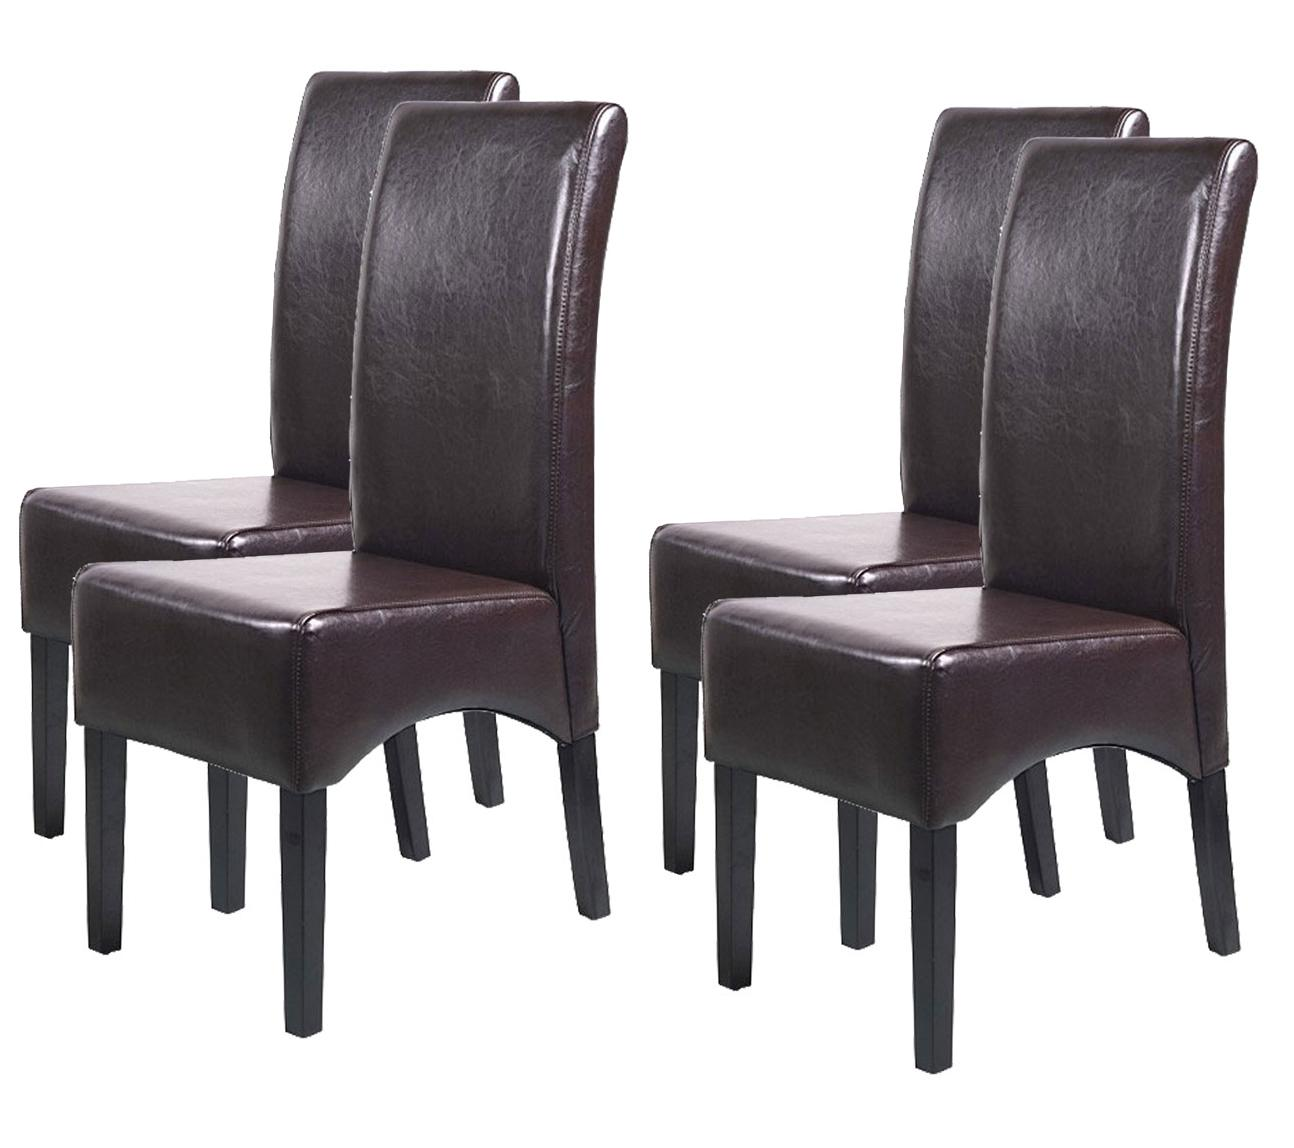 Lote 4 sillas de comedor latina en marr n piel genuina y for Sillas de piel para comedor